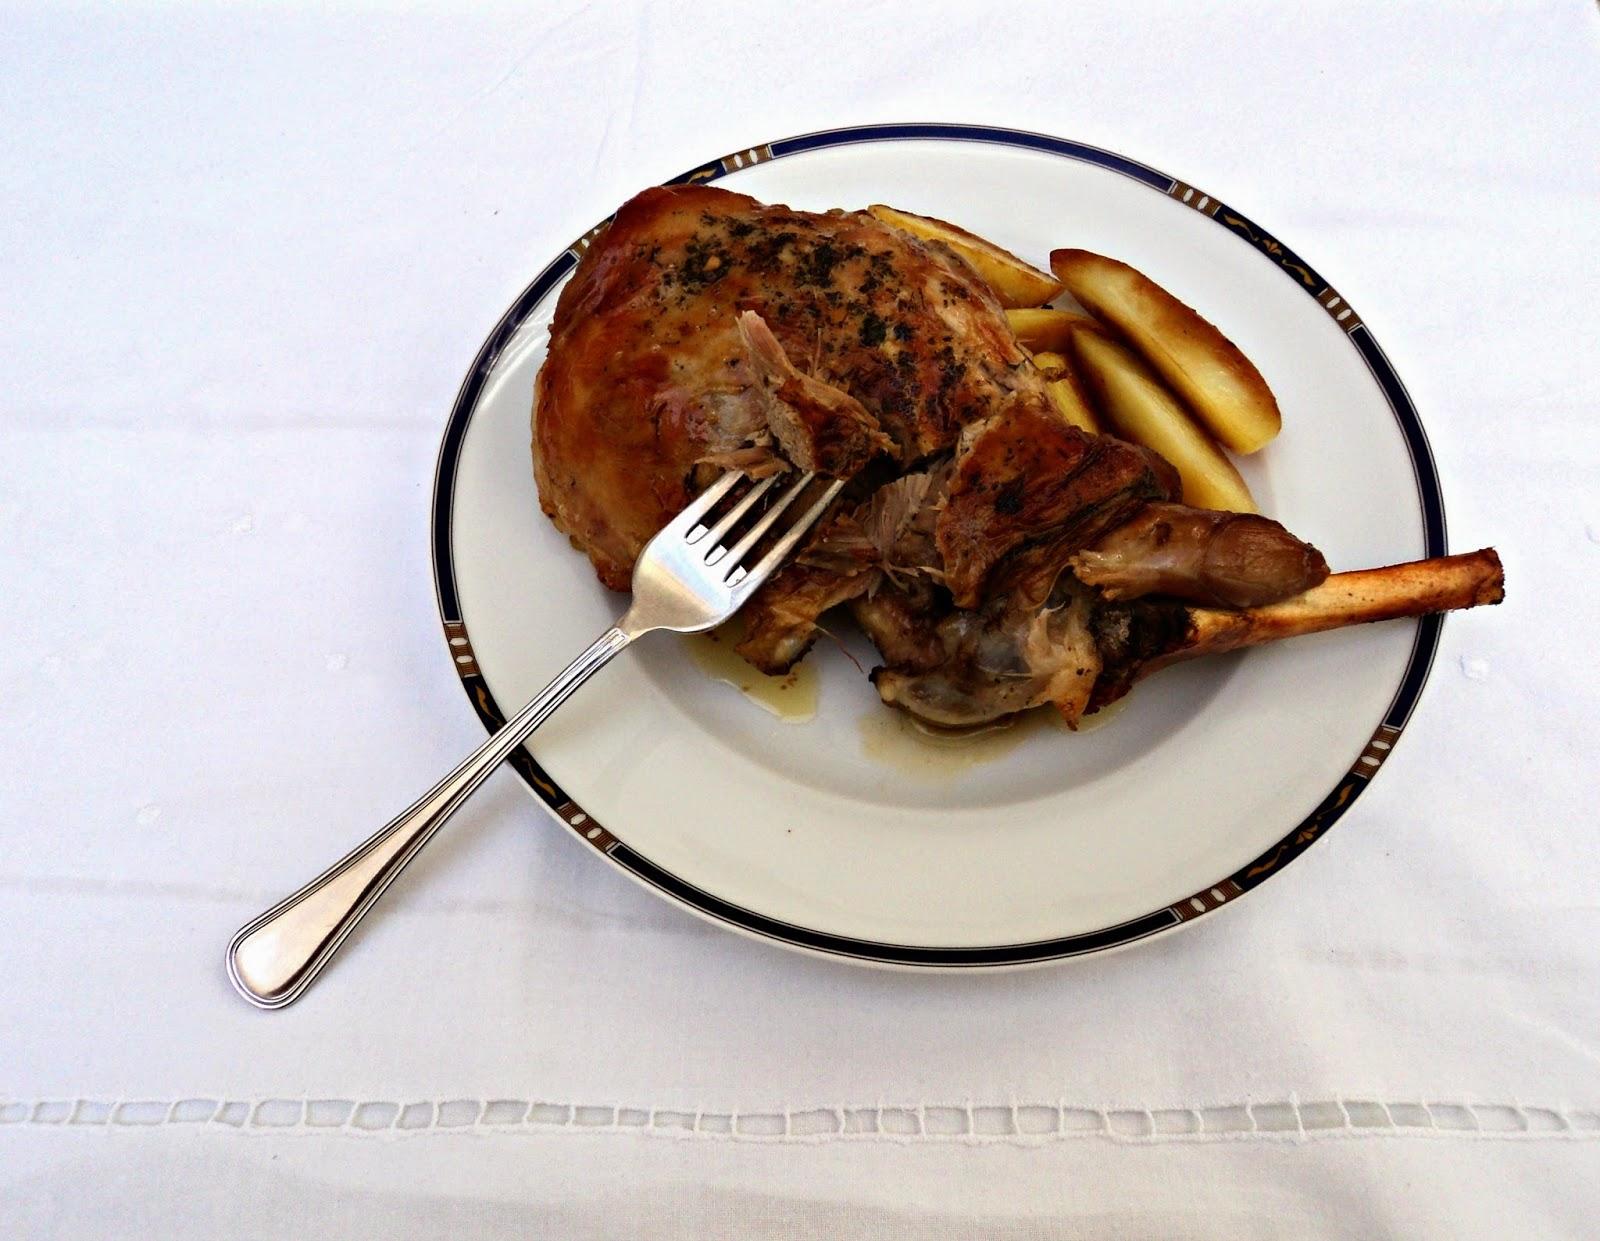 receta casera pierna cordero asada horno